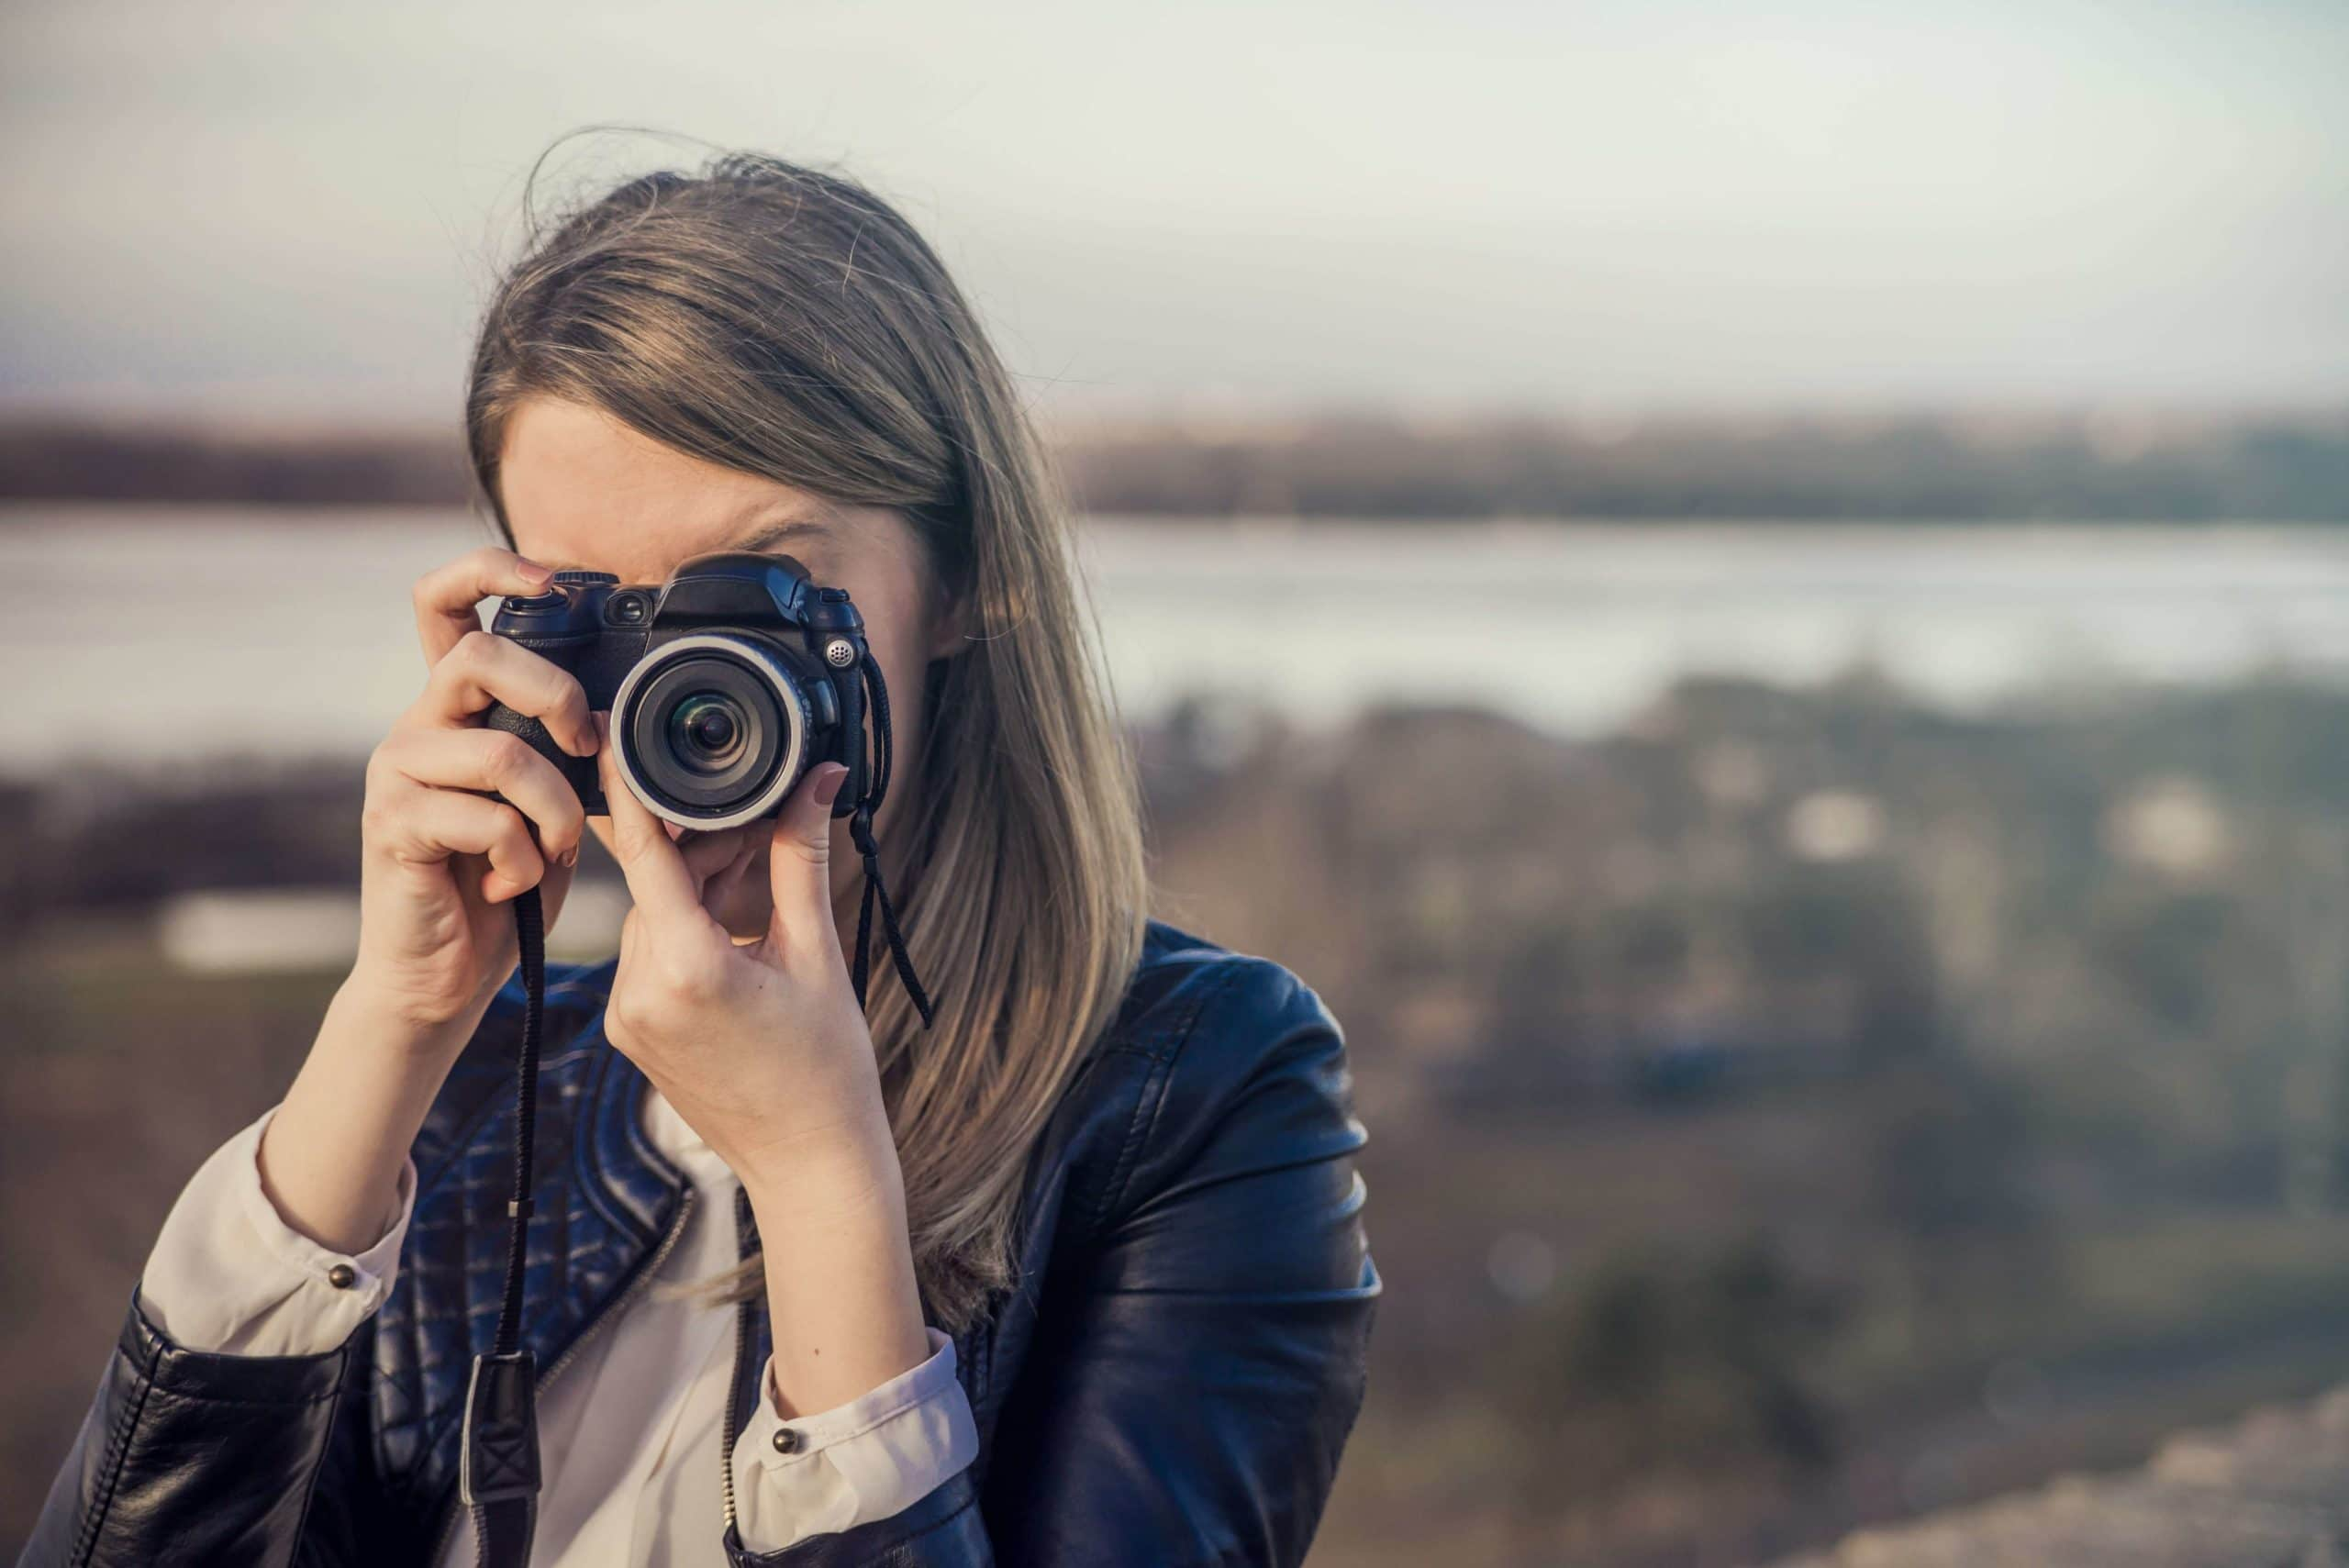 Como fotografar no modo manual e conseguir imagens incríveis?